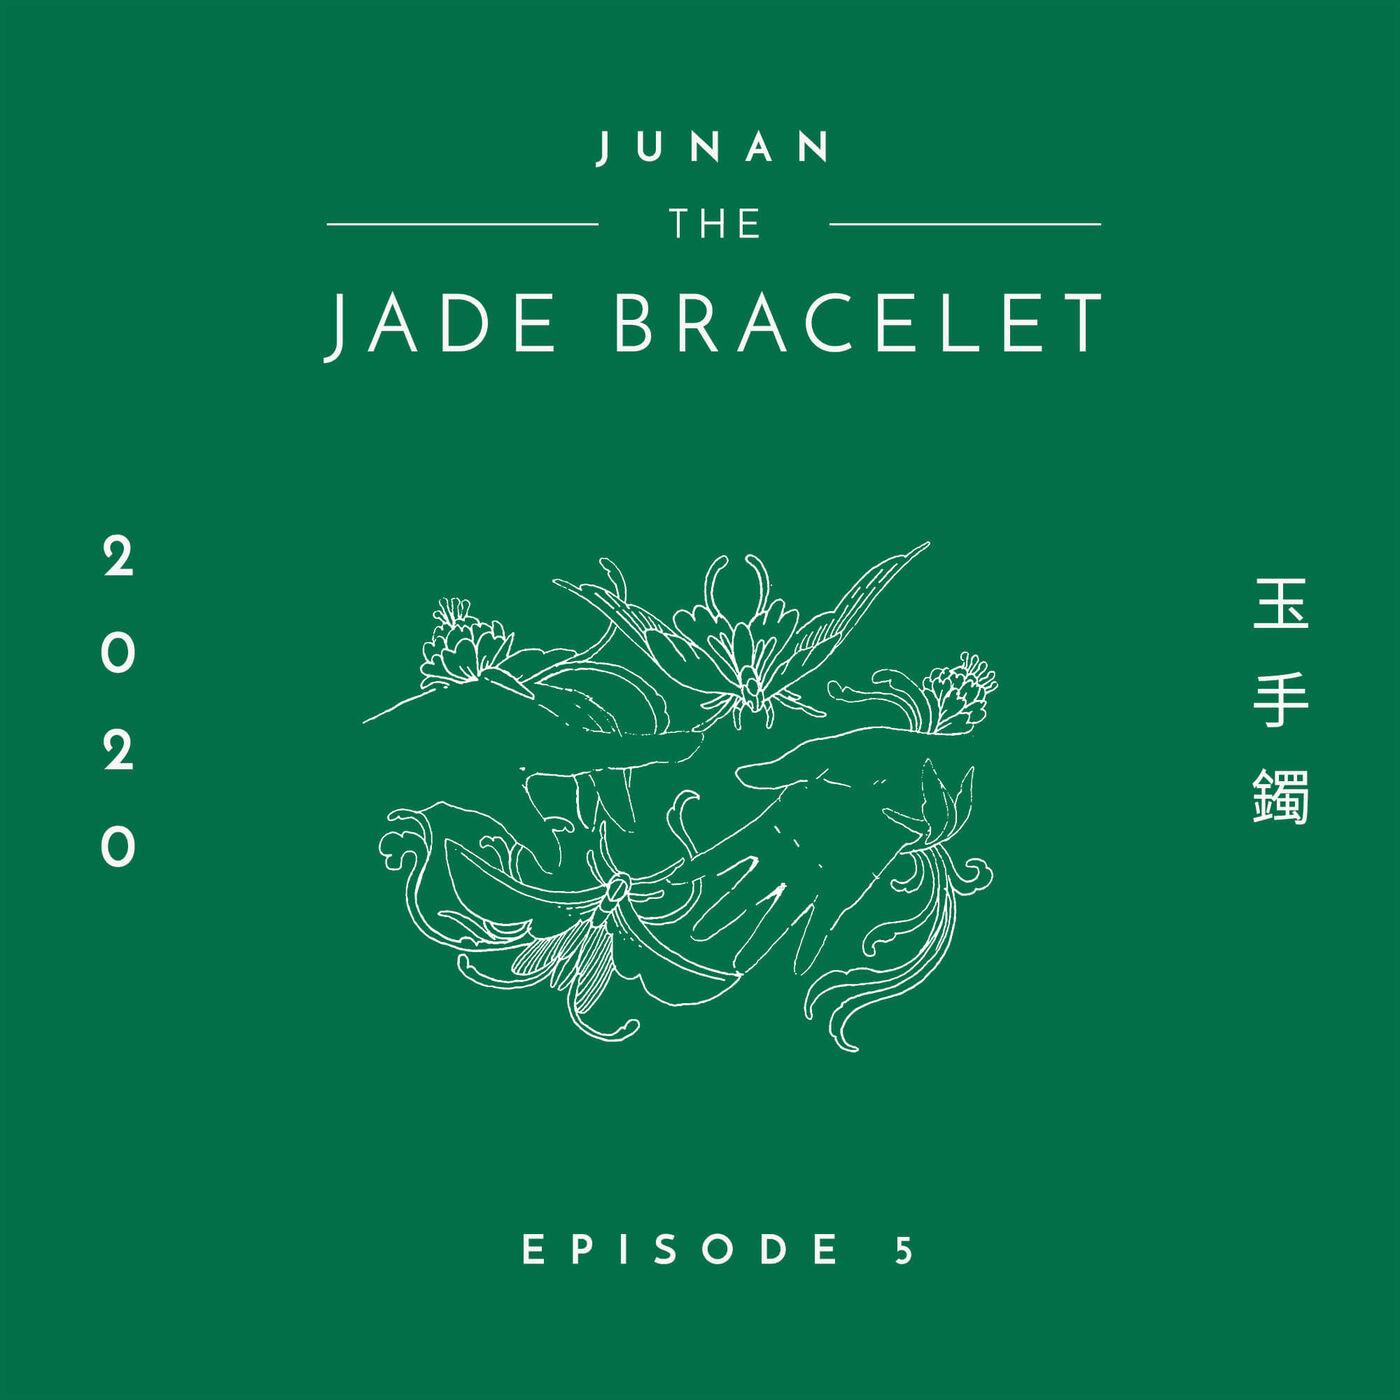 Th Jade Bracelet - Episode 5